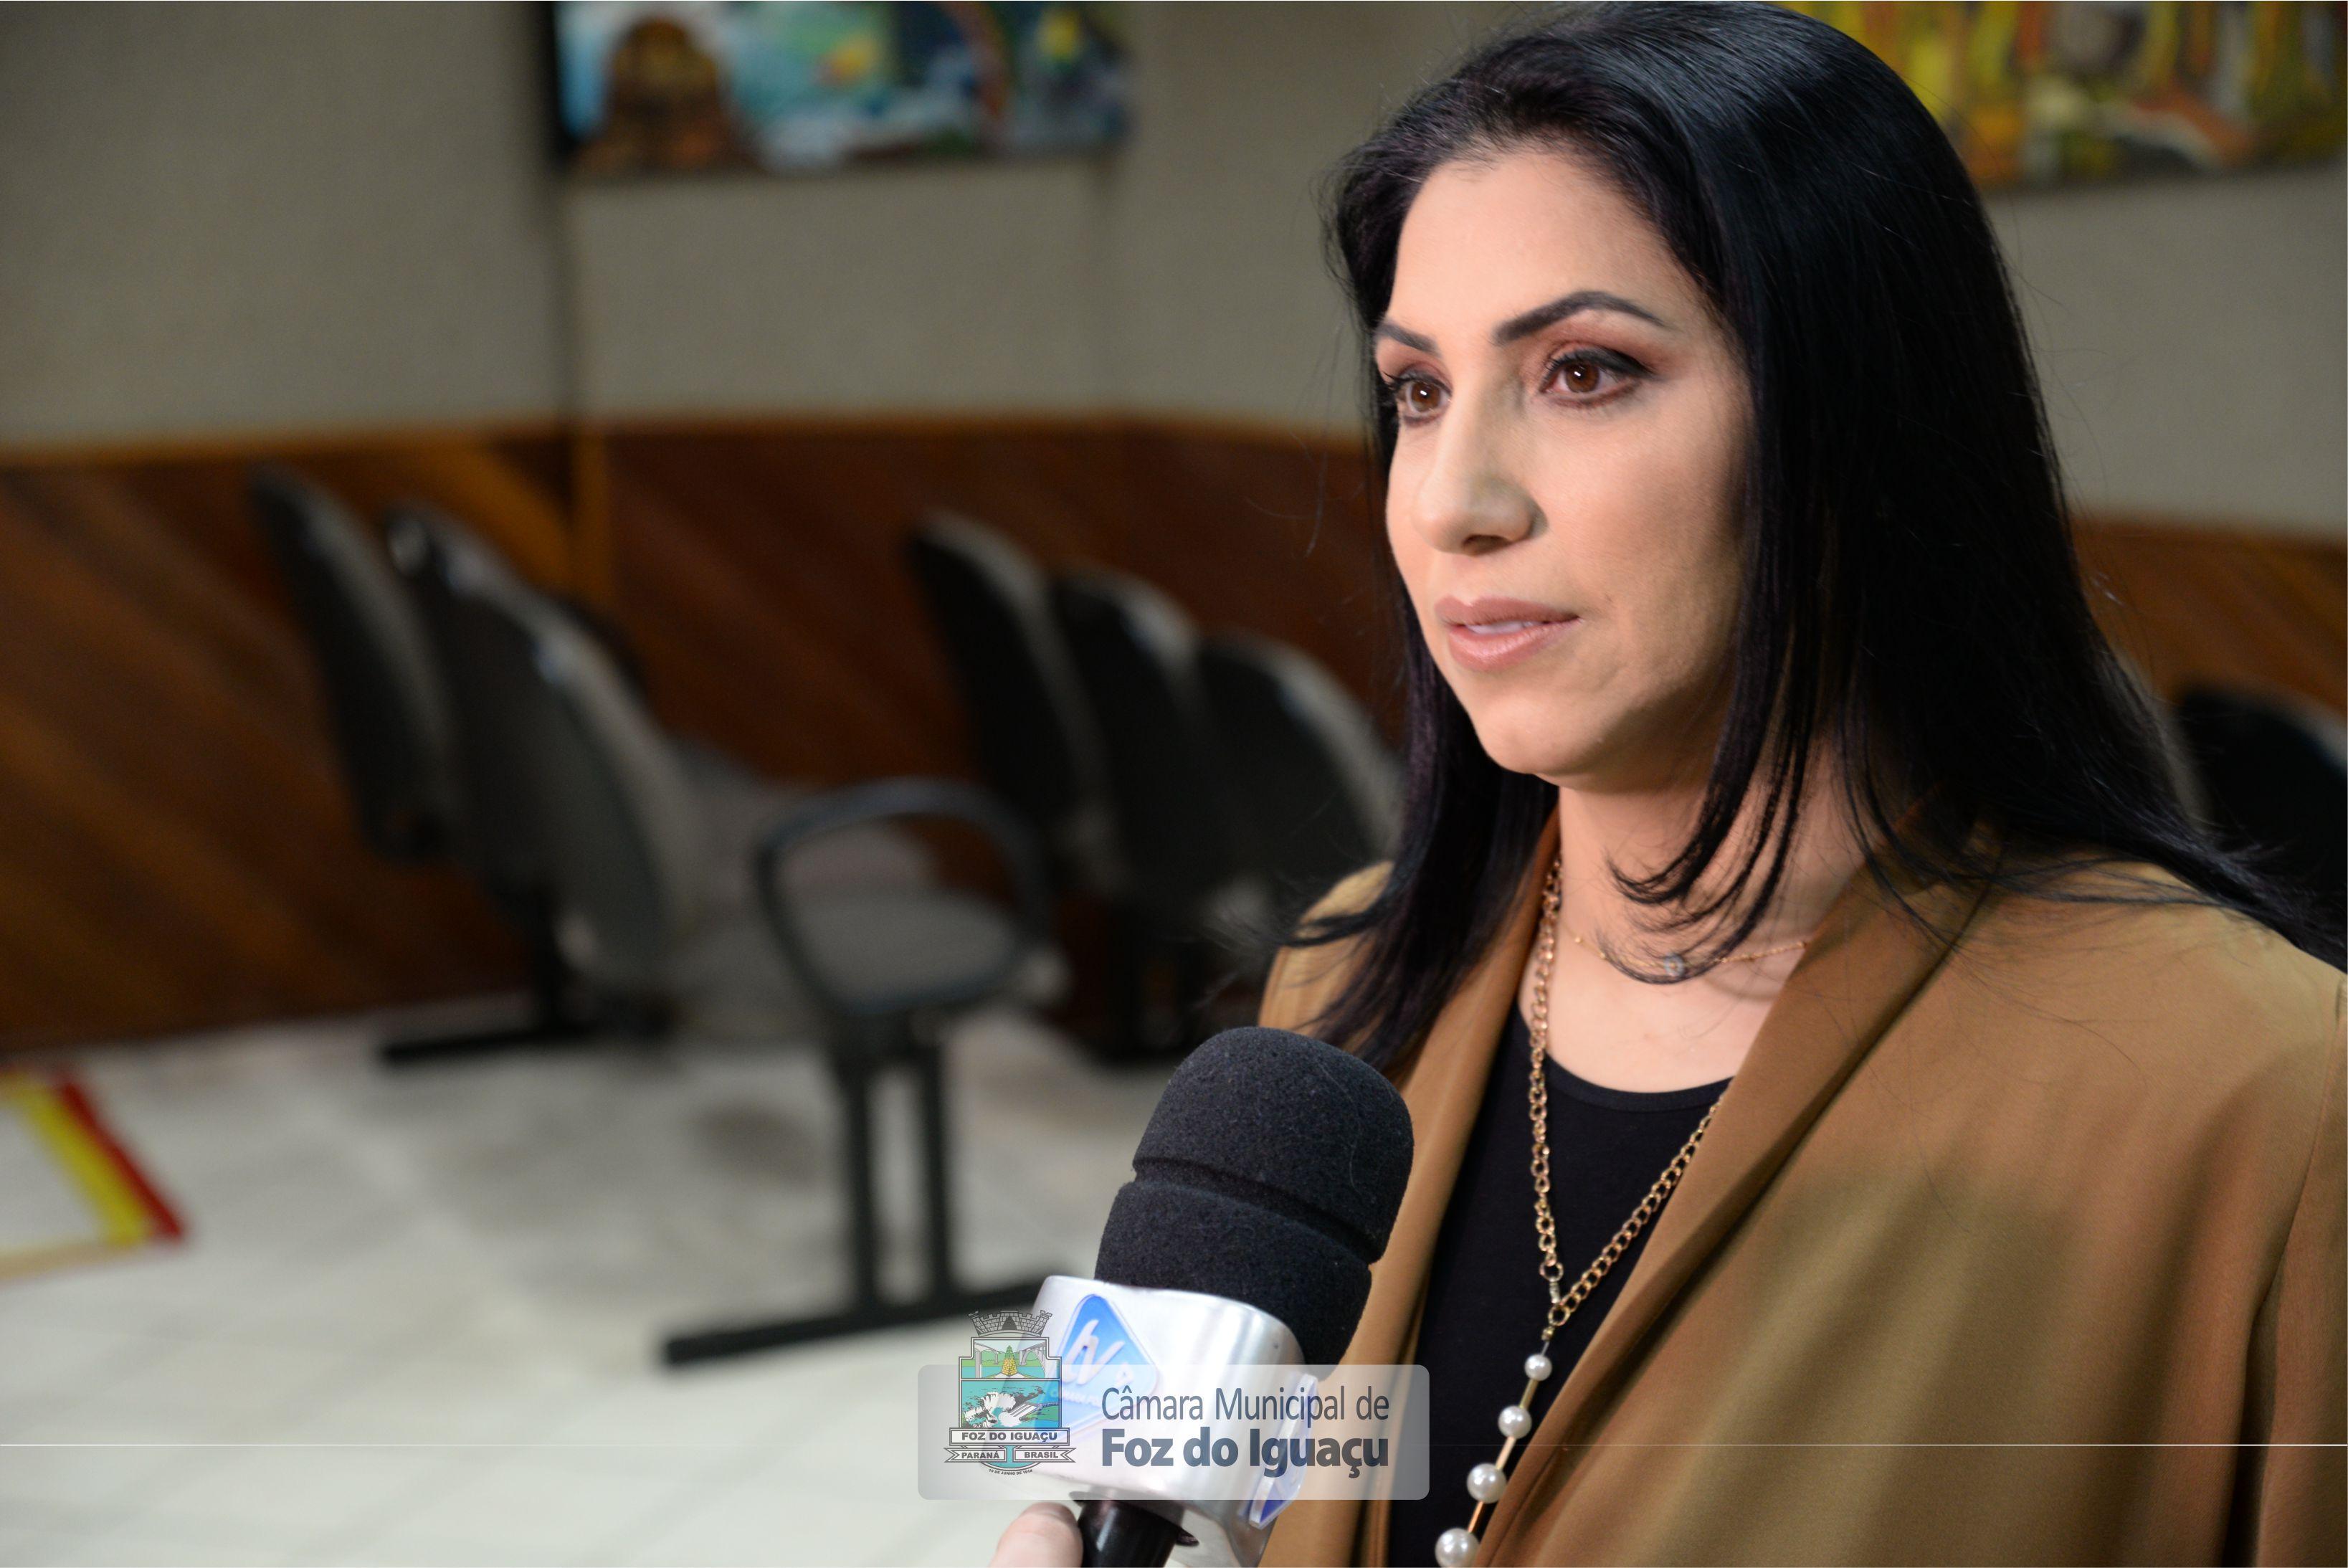 vereadora-anice-gazzaoui-cmfi-entrevista01.jpg — Câmara Municipal de Foz do  Iguaçu - PR